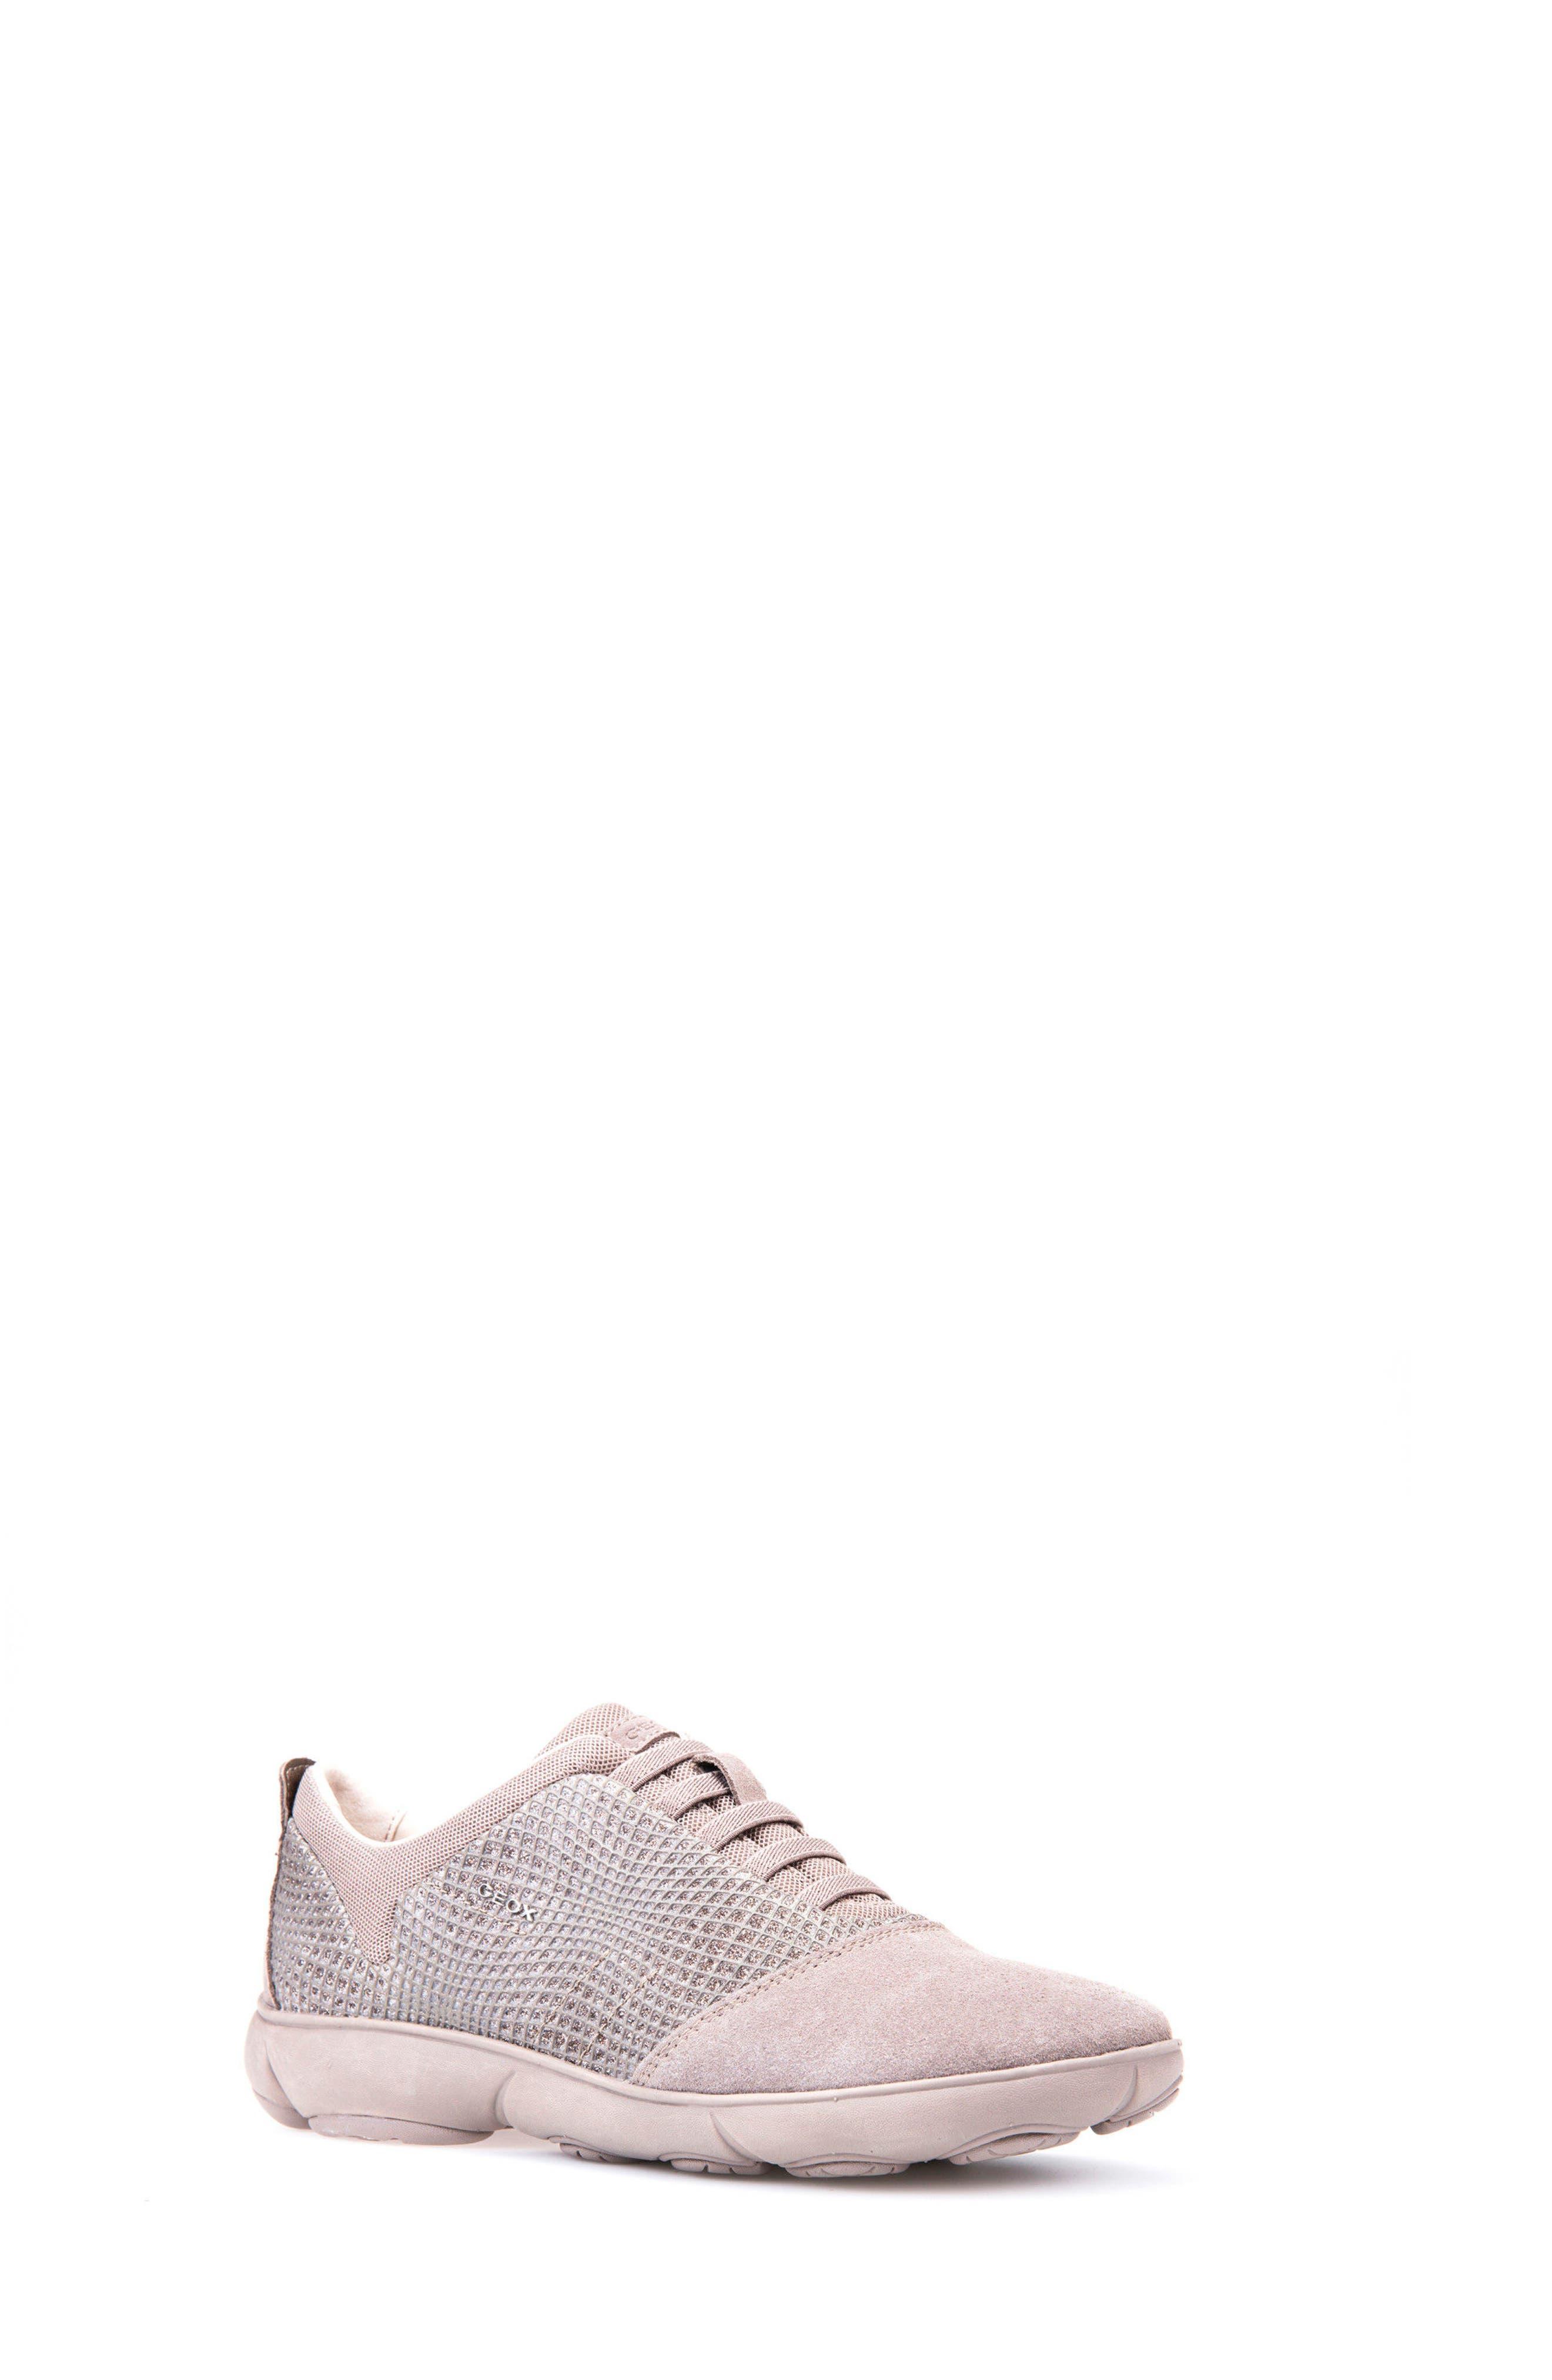 Nebula Slip-On Sneaker,                             Main thumbnail 1, color,                             Taupe